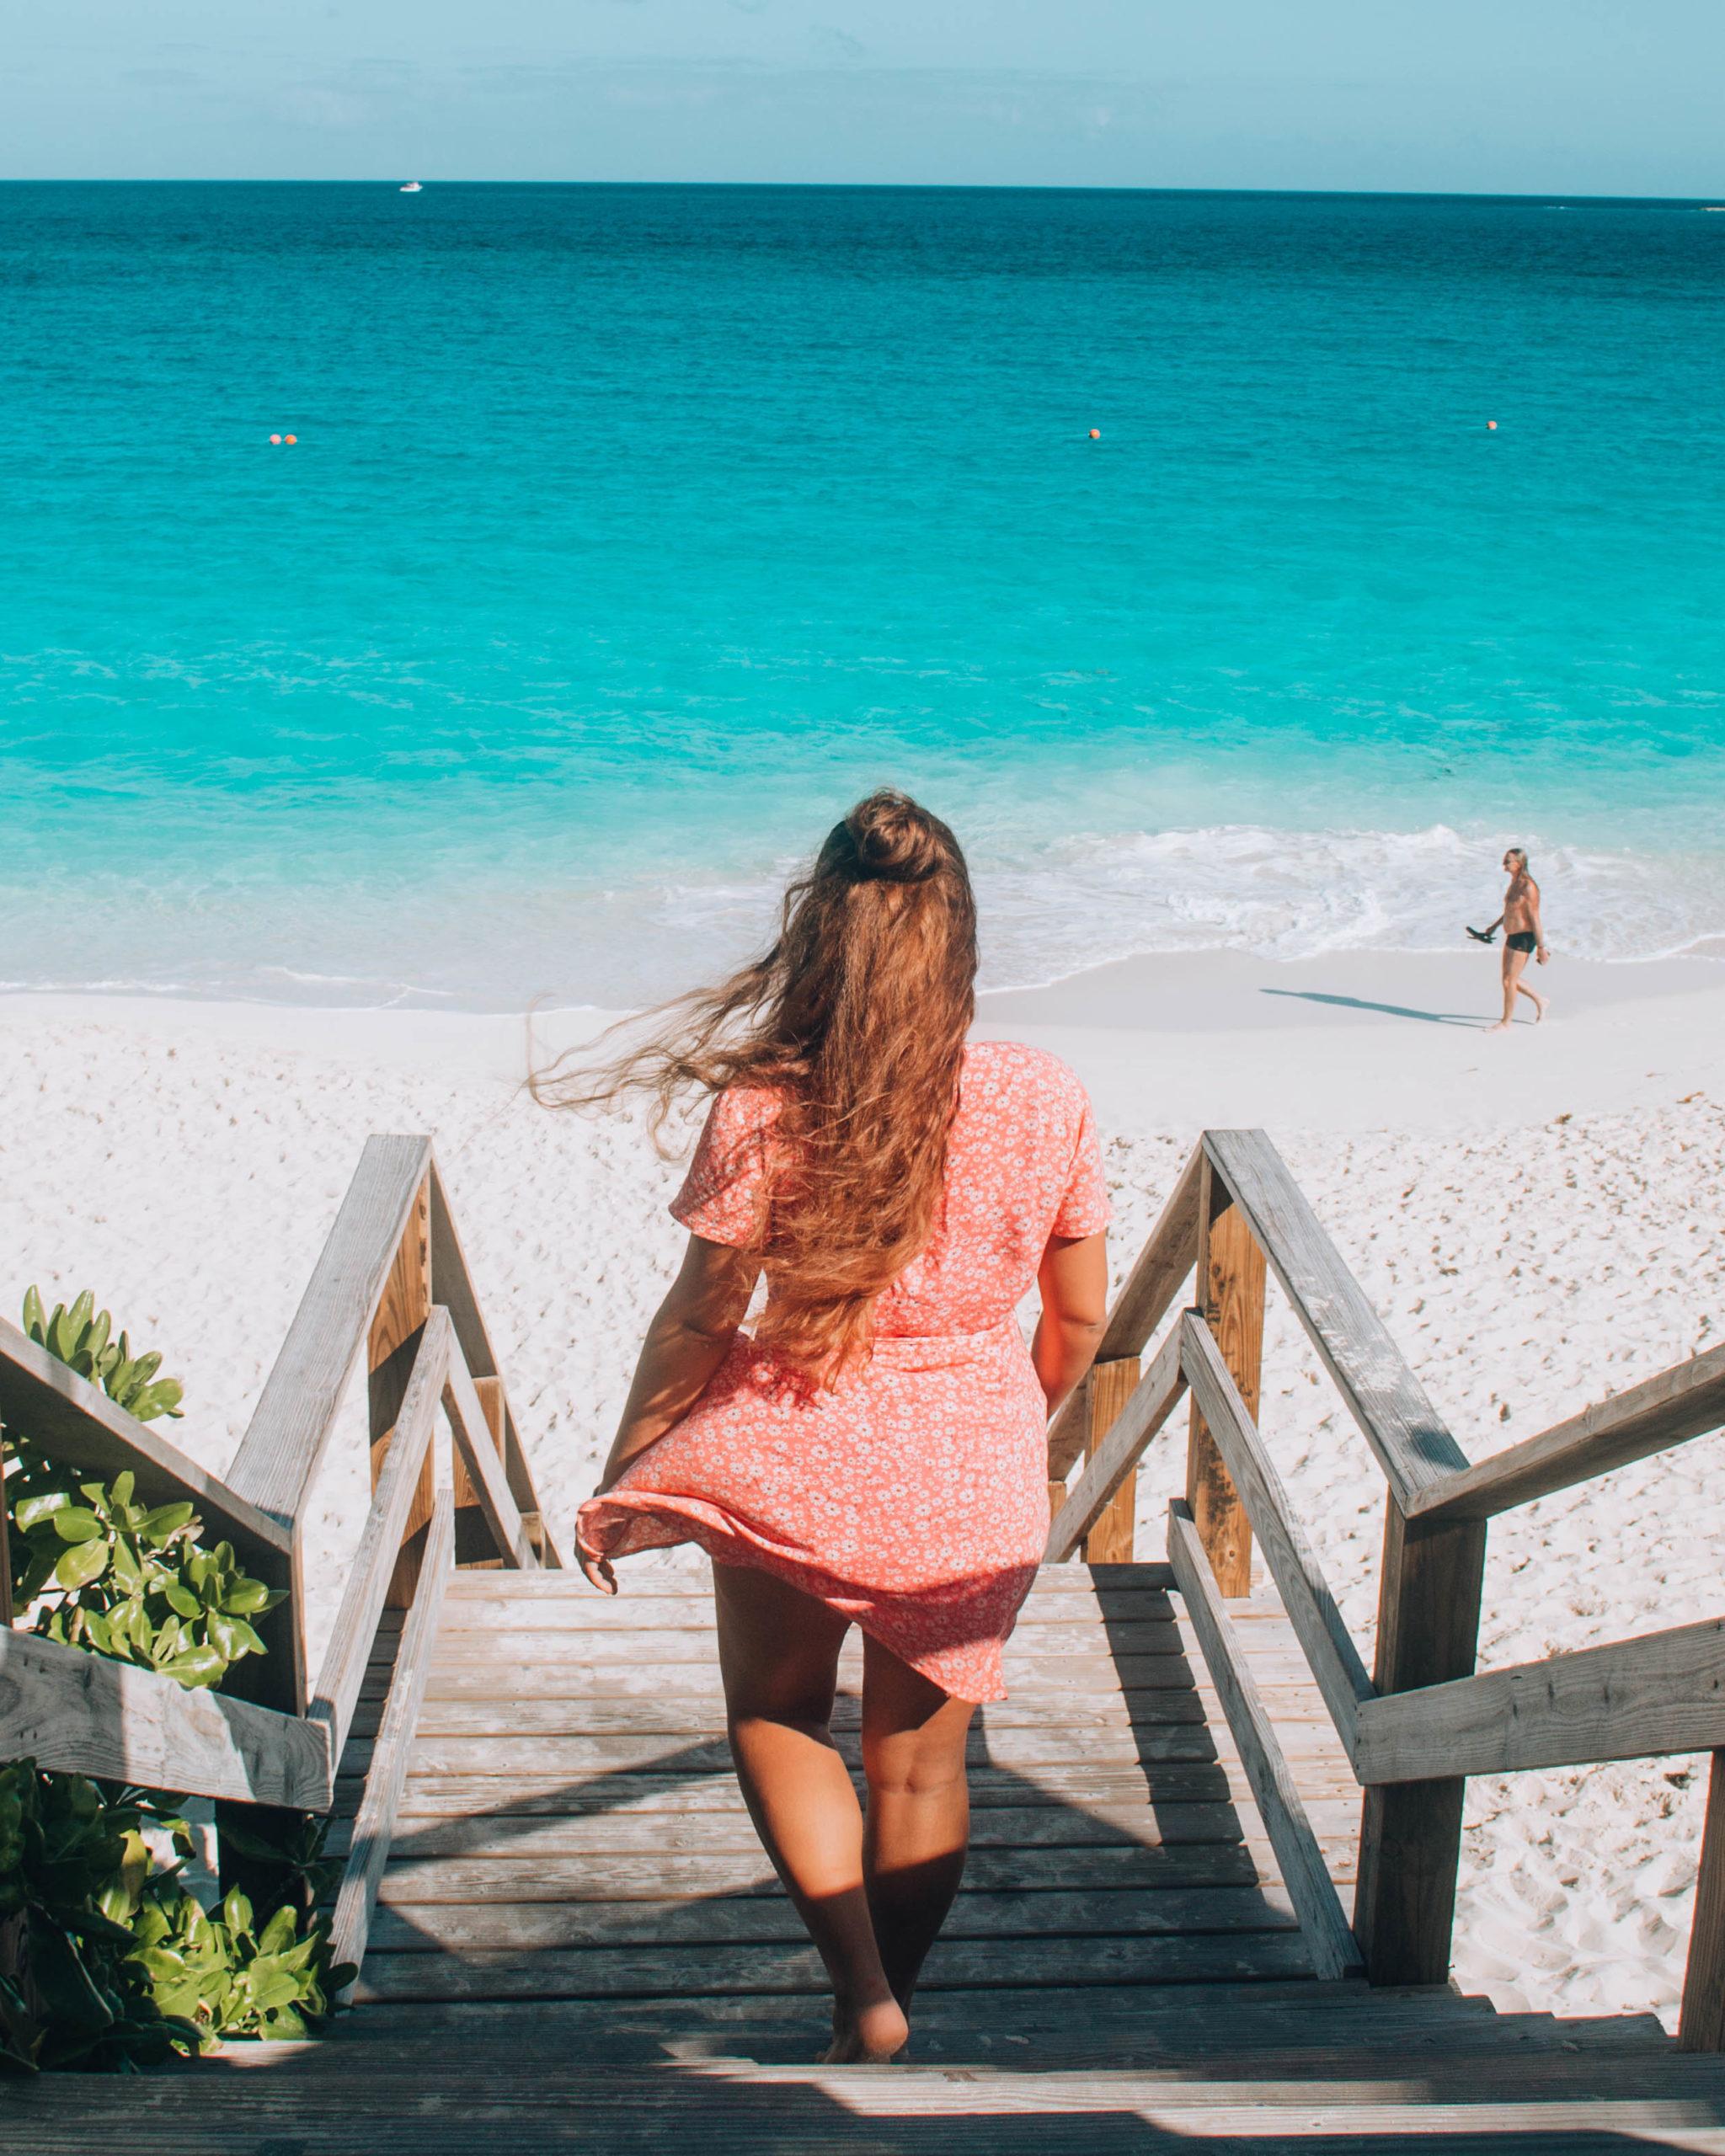 ragazza con vestito rosa che scende scale che portano a mare